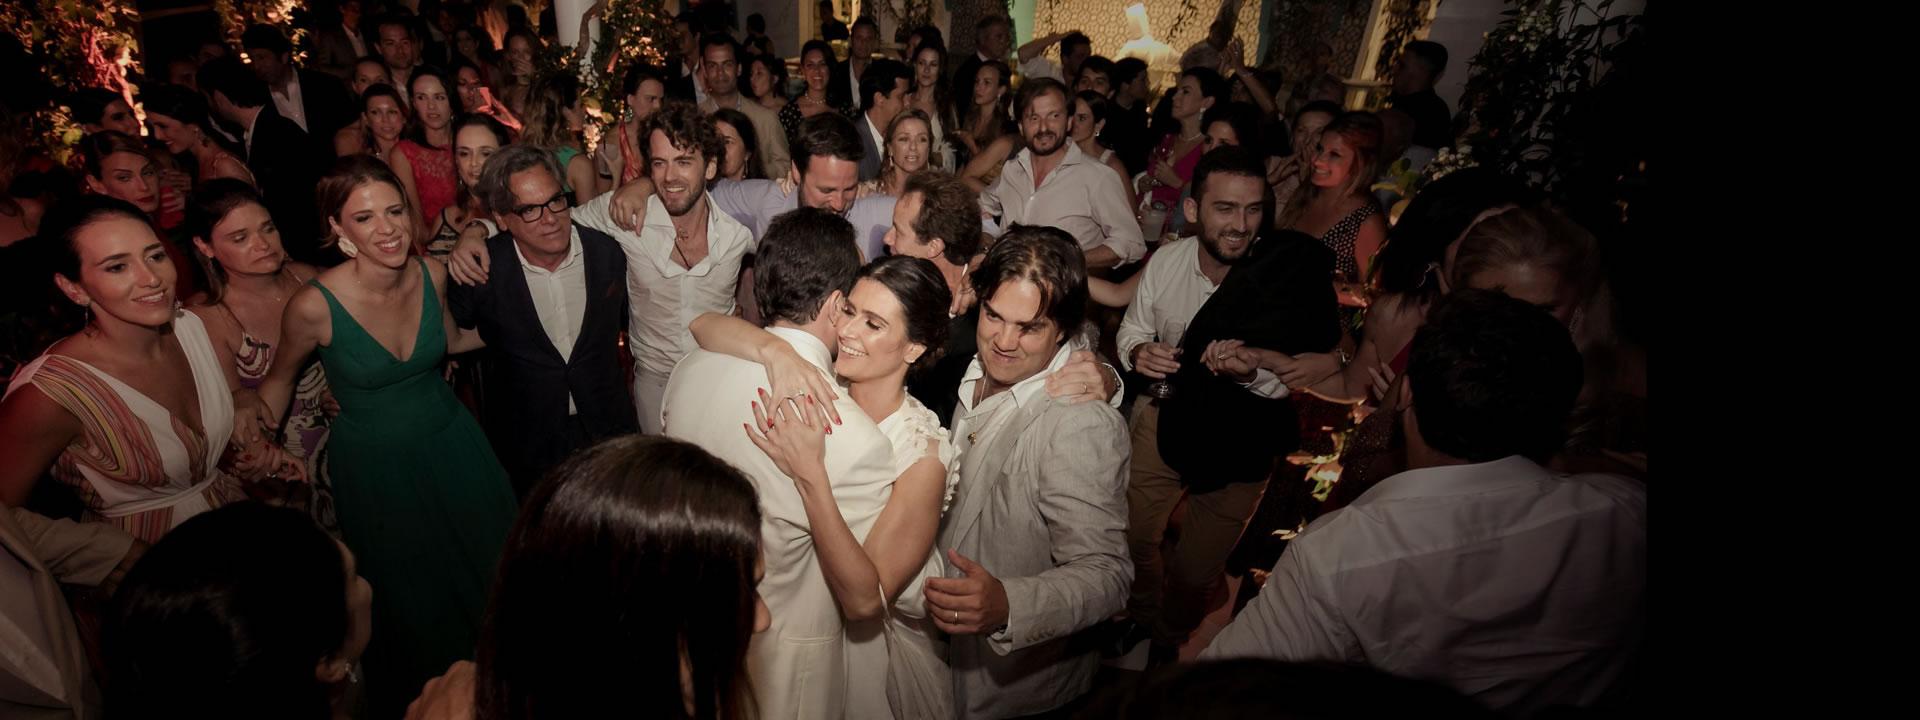 - 60 :: Jewish luxury wedding weekend in Capri :: Luxury wedding photography - 59 ::  - 60